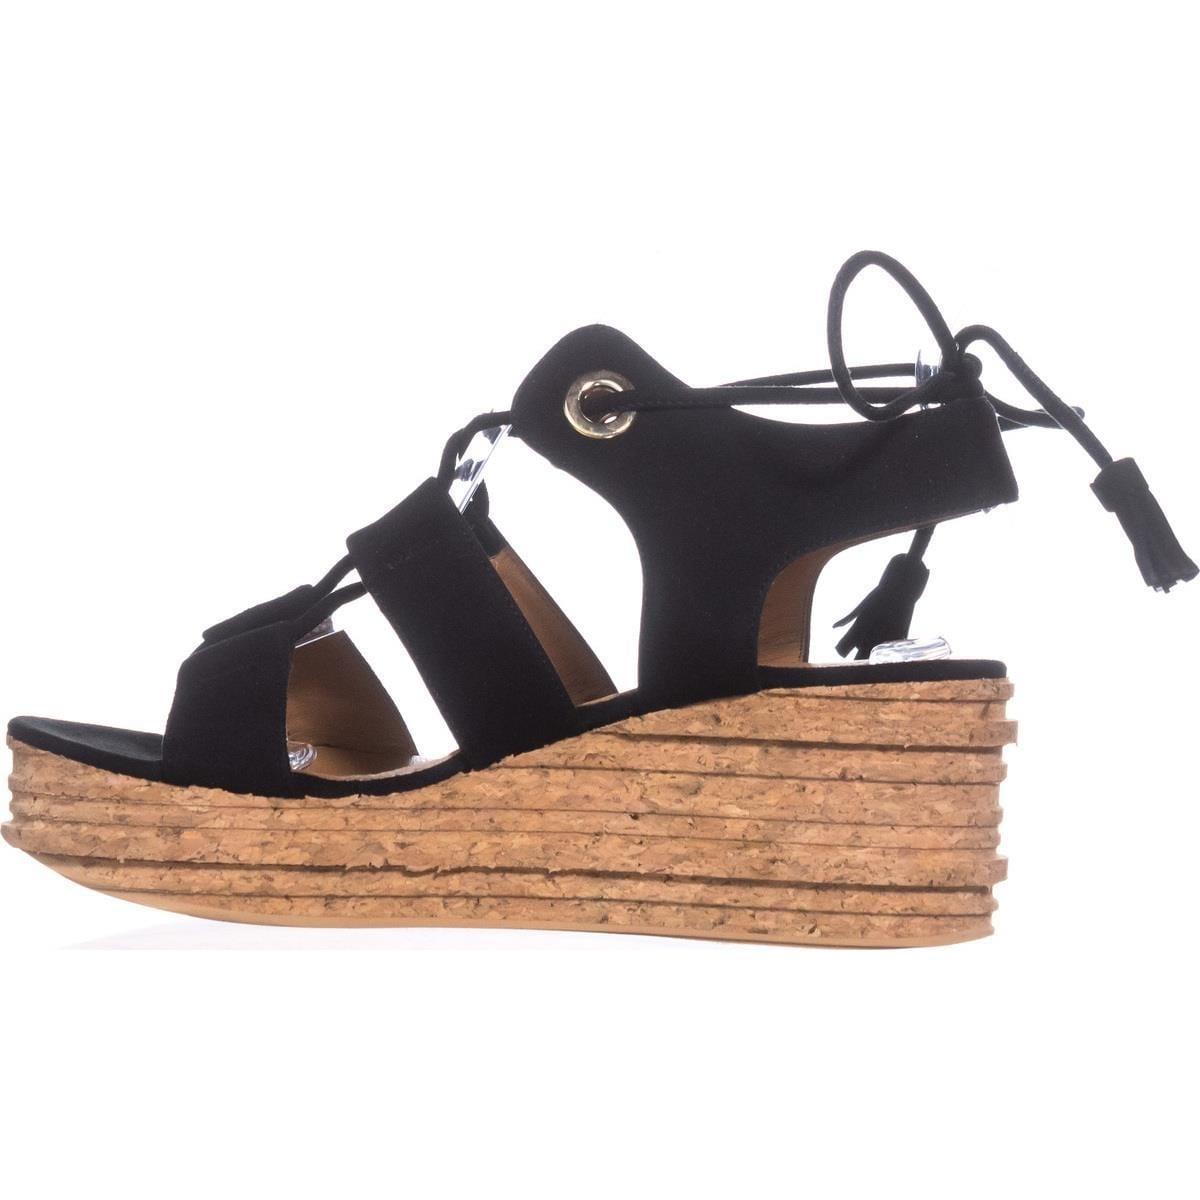 ef31c3a6089 Shop Andre Assous Brigitte Platform Gladiator Sandals